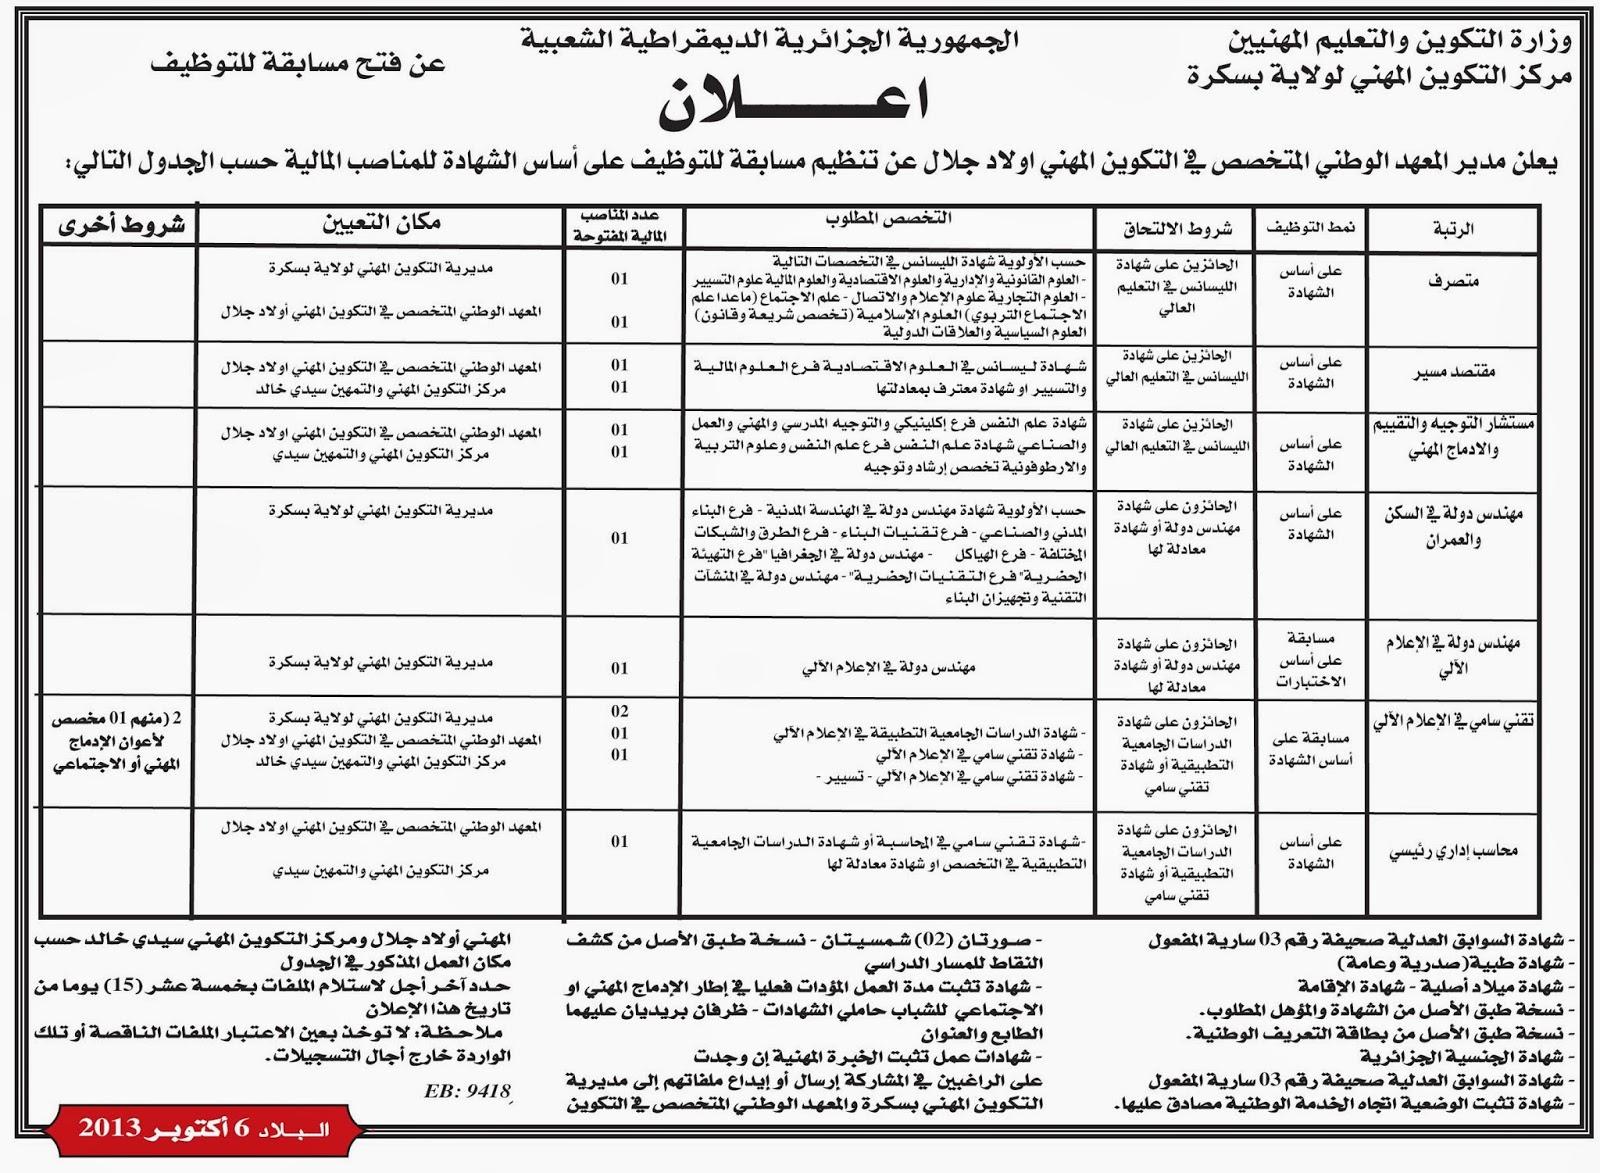 التوظيف في الجزائر : مسابقات توظيف في المعهد الوطني المتخصص في التكوين المهني لولاية بسكرة أكتوبر 2013